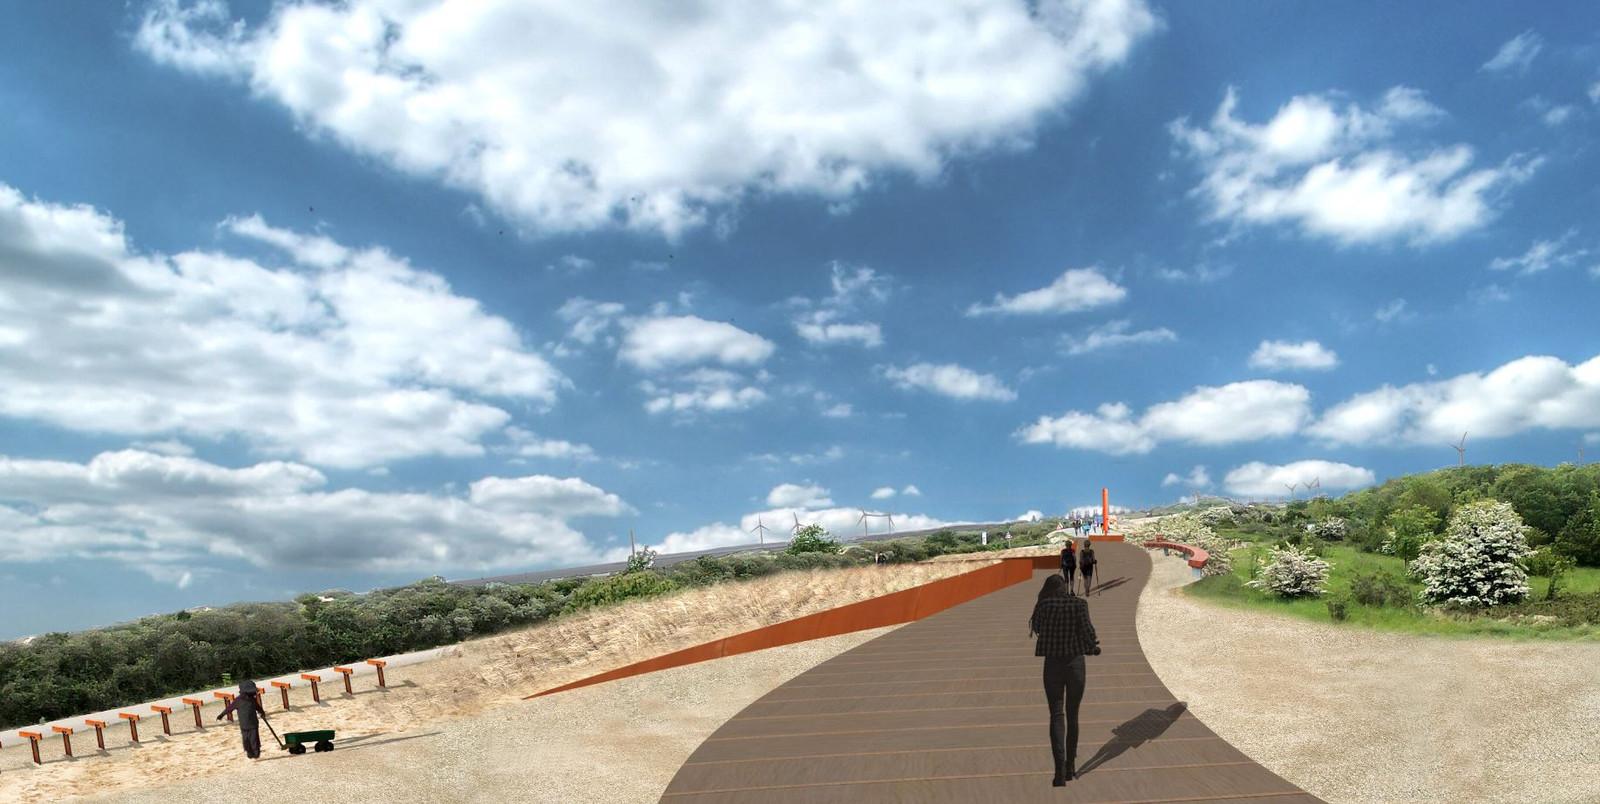 Met behulp van geld uit Den Haag is onder meer de strandopgang bij de Banjaard opgeknapt.